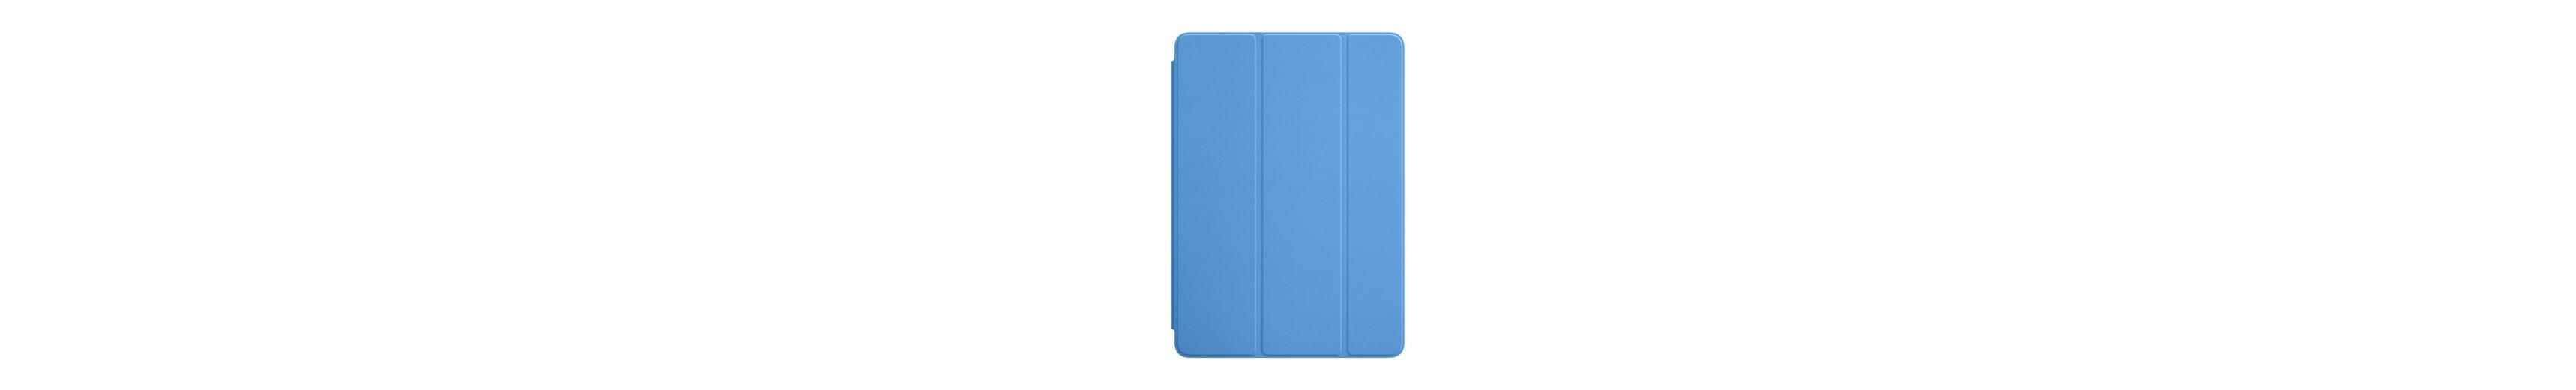 APPLE Schutzhülle »iPad Air 1, 2 Smart Cover Blau (MGTQ2ZM/A)«